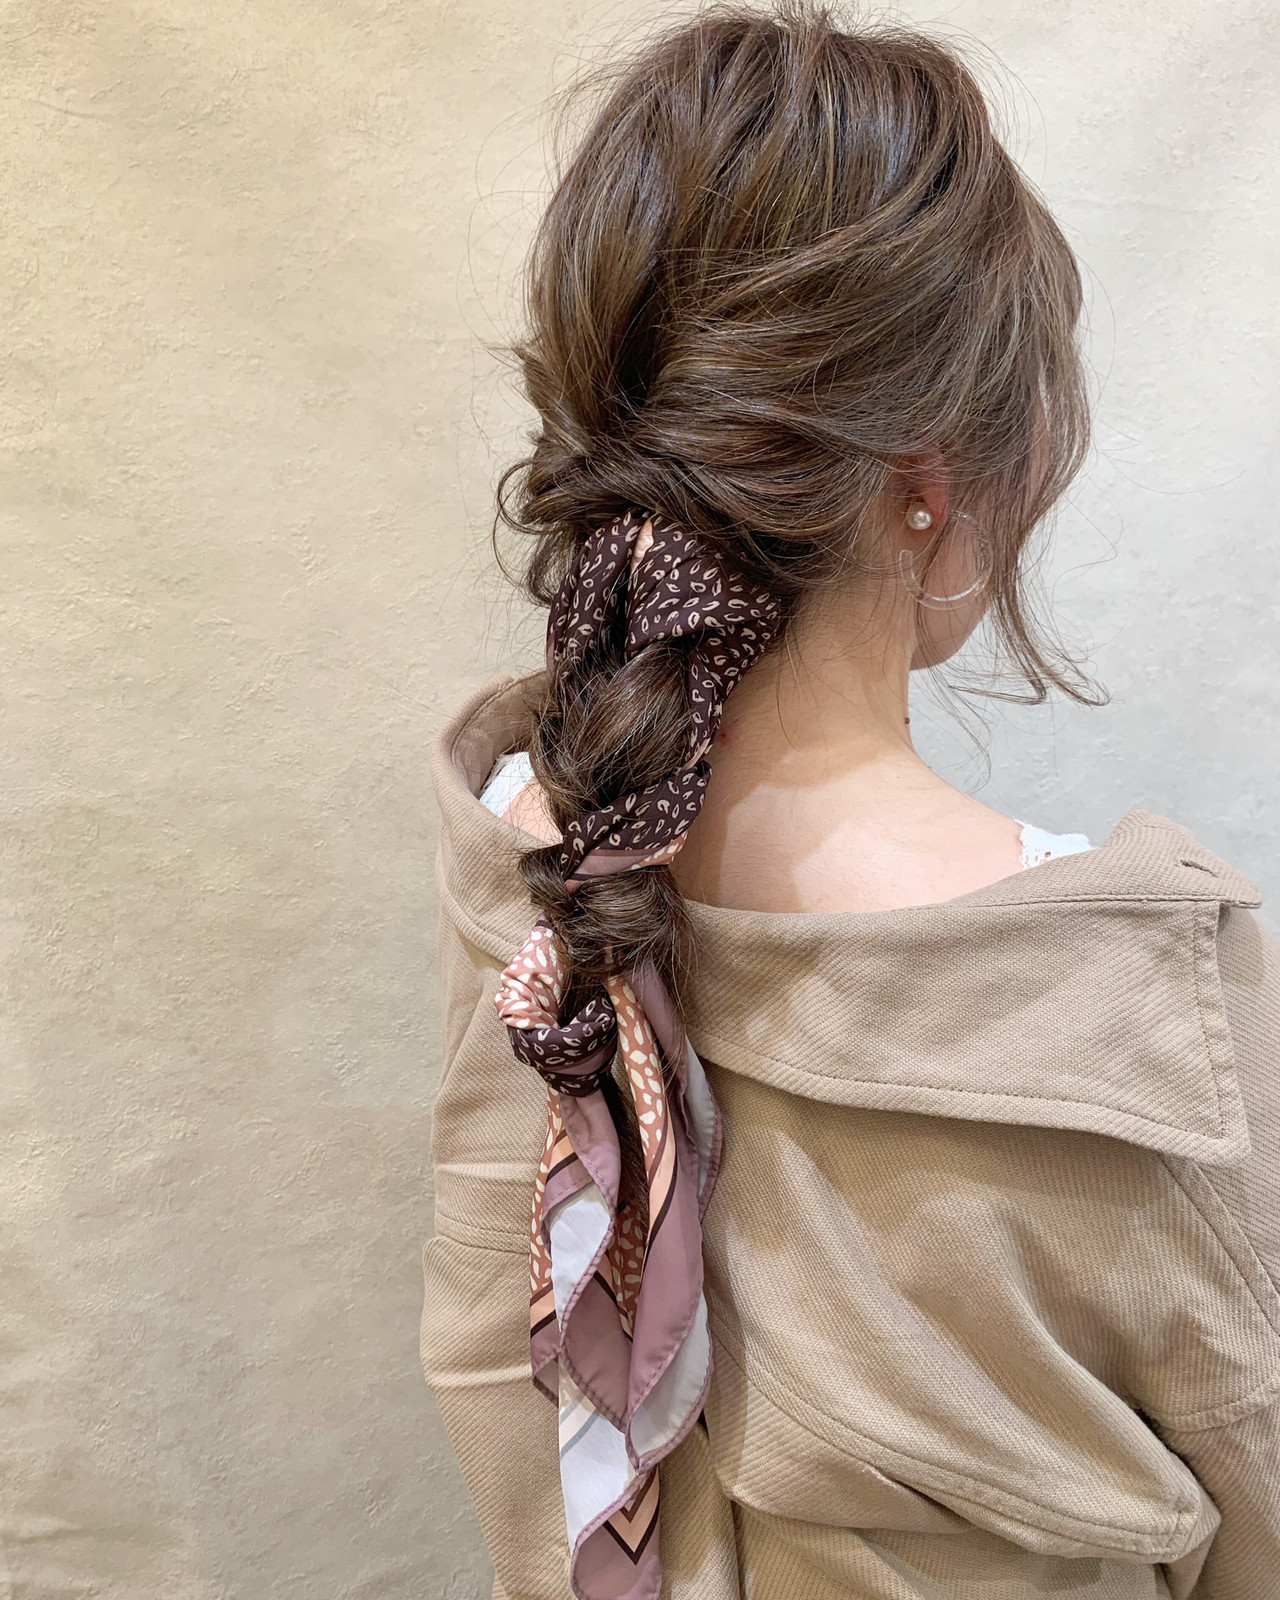 オフィス デート スポーツ フェミニン ヘアスタイルや髪型の写真・画像 | 安永怜 / kakimotoarms田園調布